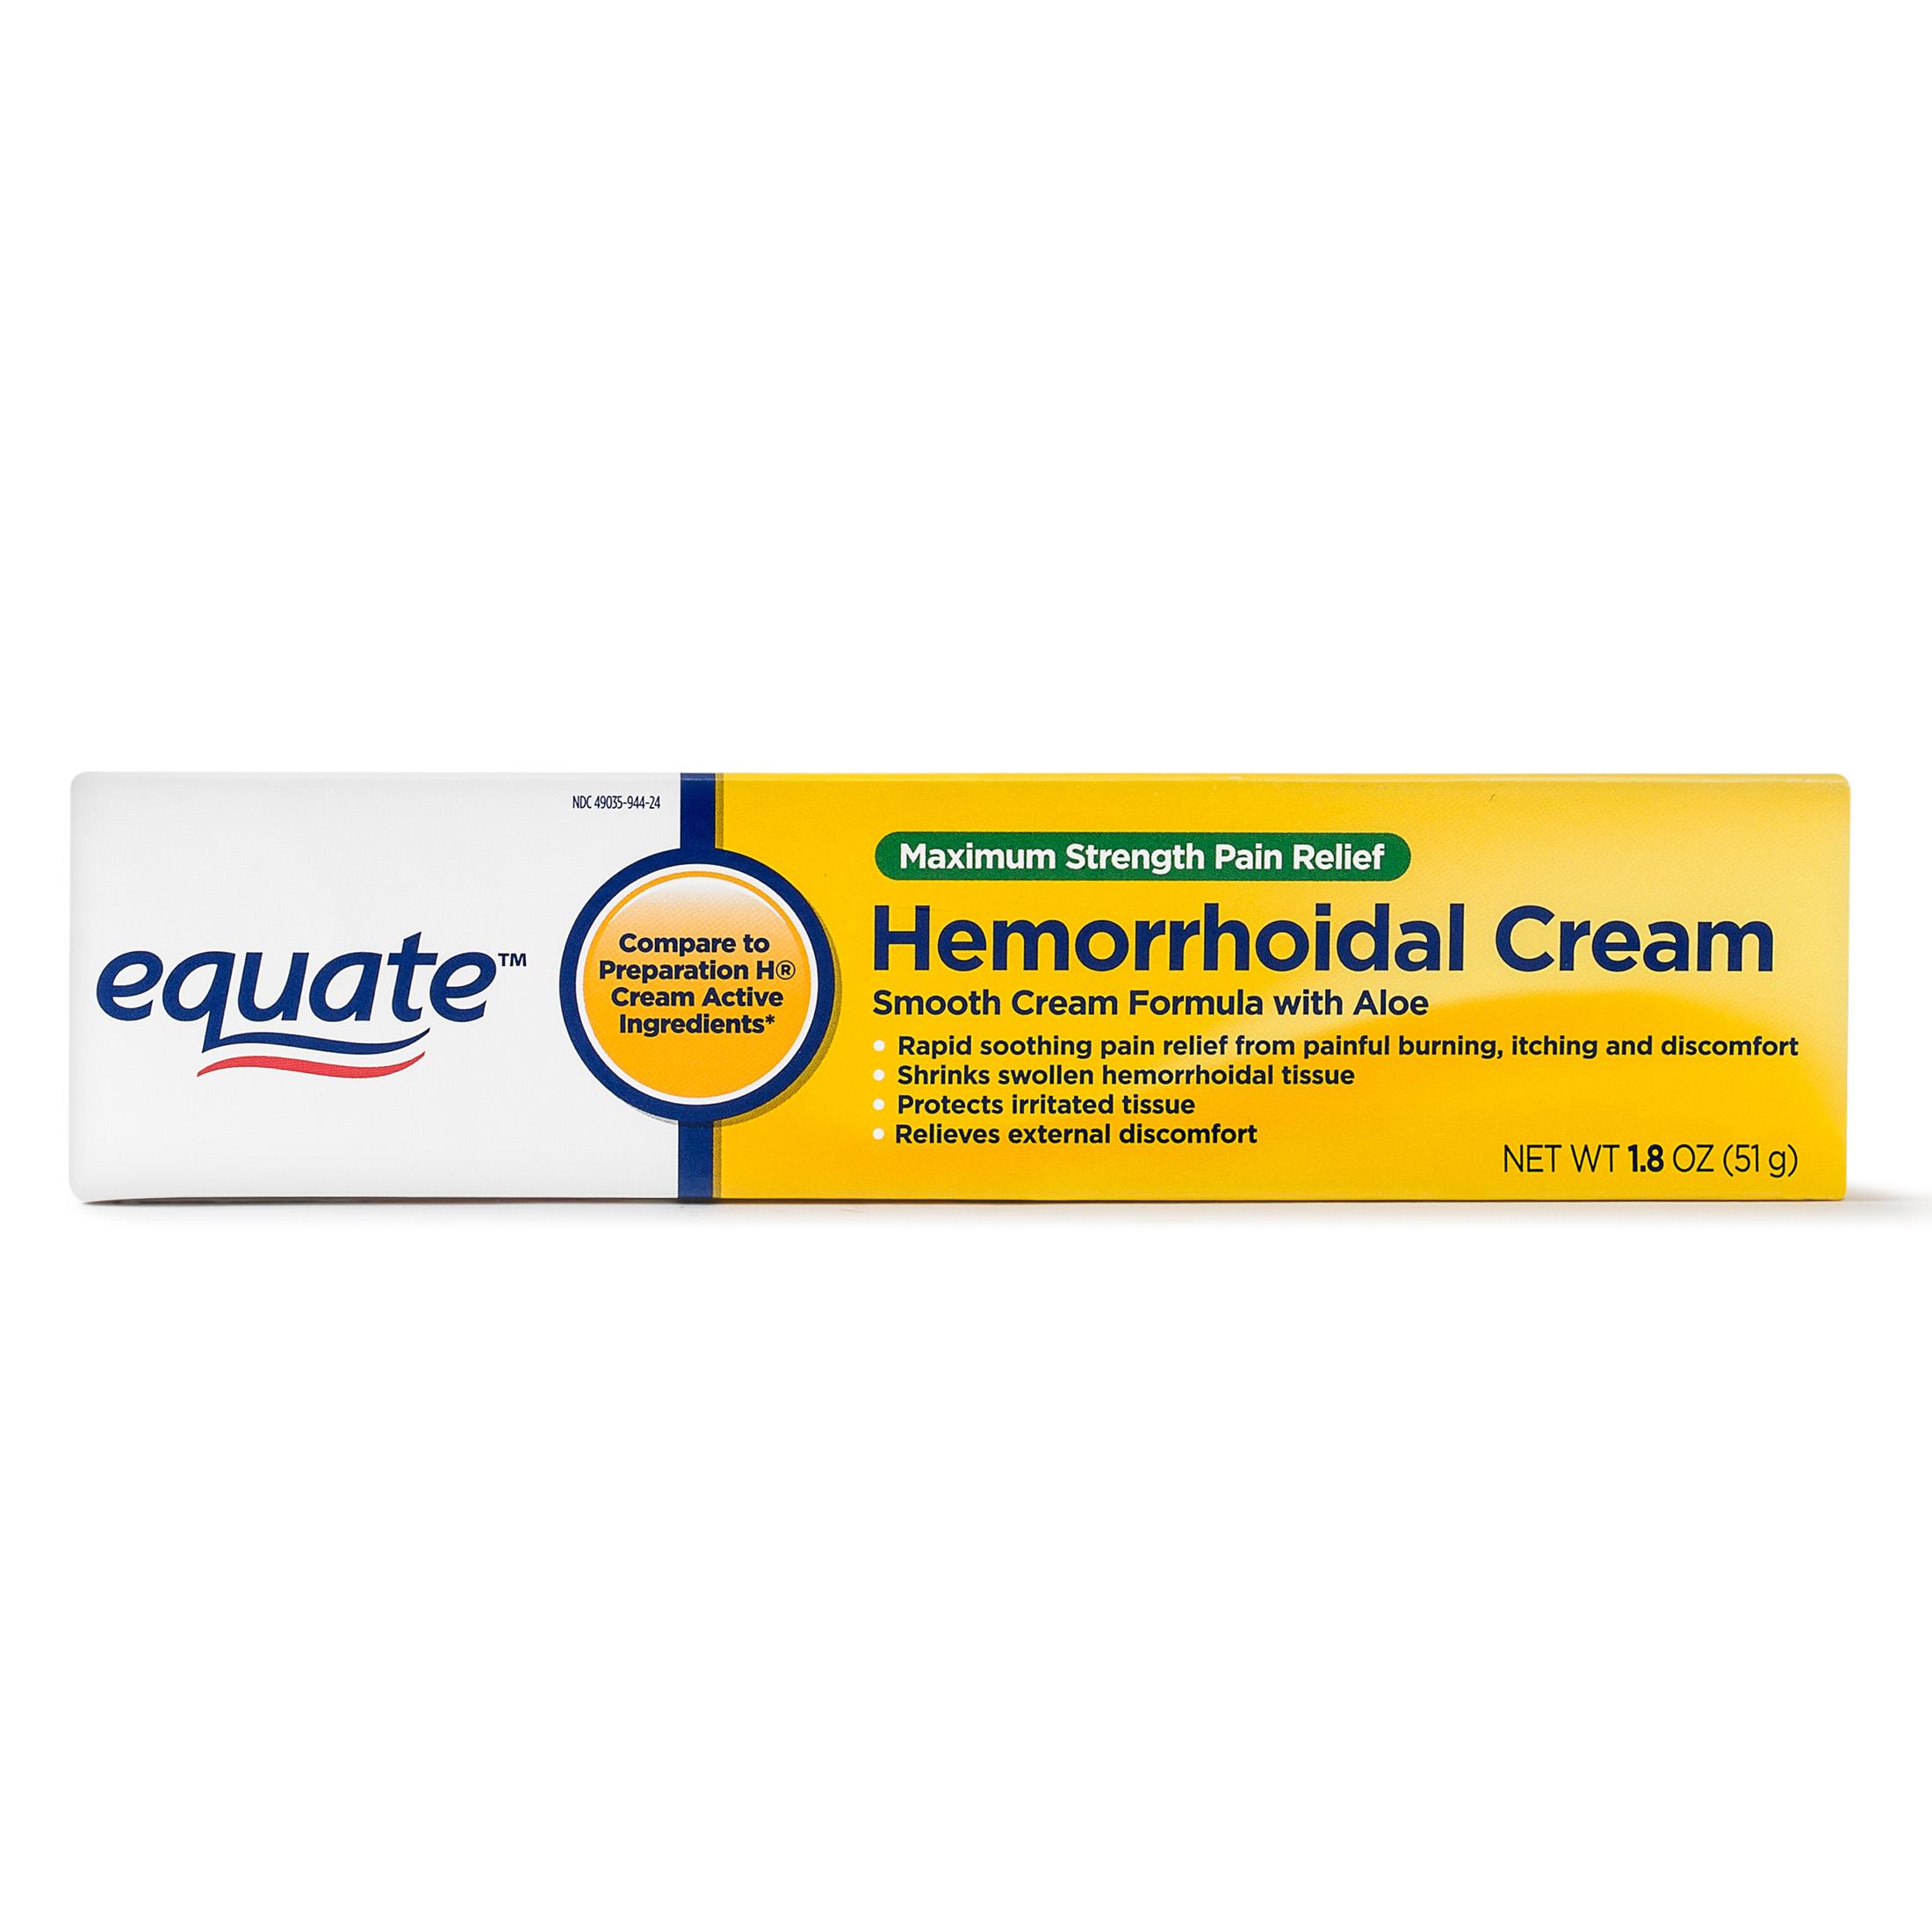 Equate Maximum Strength Hemmorhoidal Pain Relief Cream, 1.8 Oz